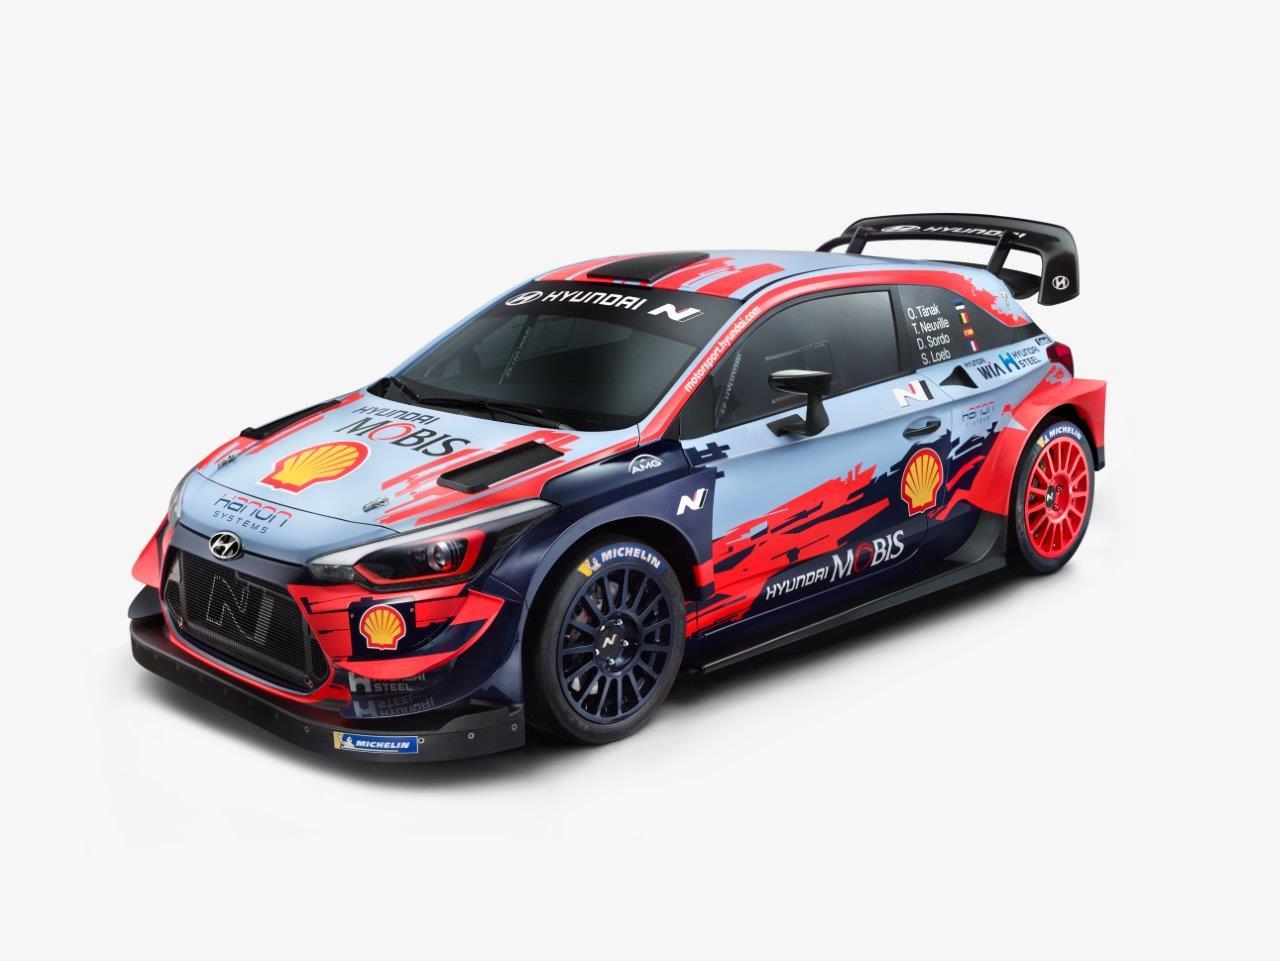 Megvan a harmadik idei rali VB csapat is, íme a Hyundai i20 WRC